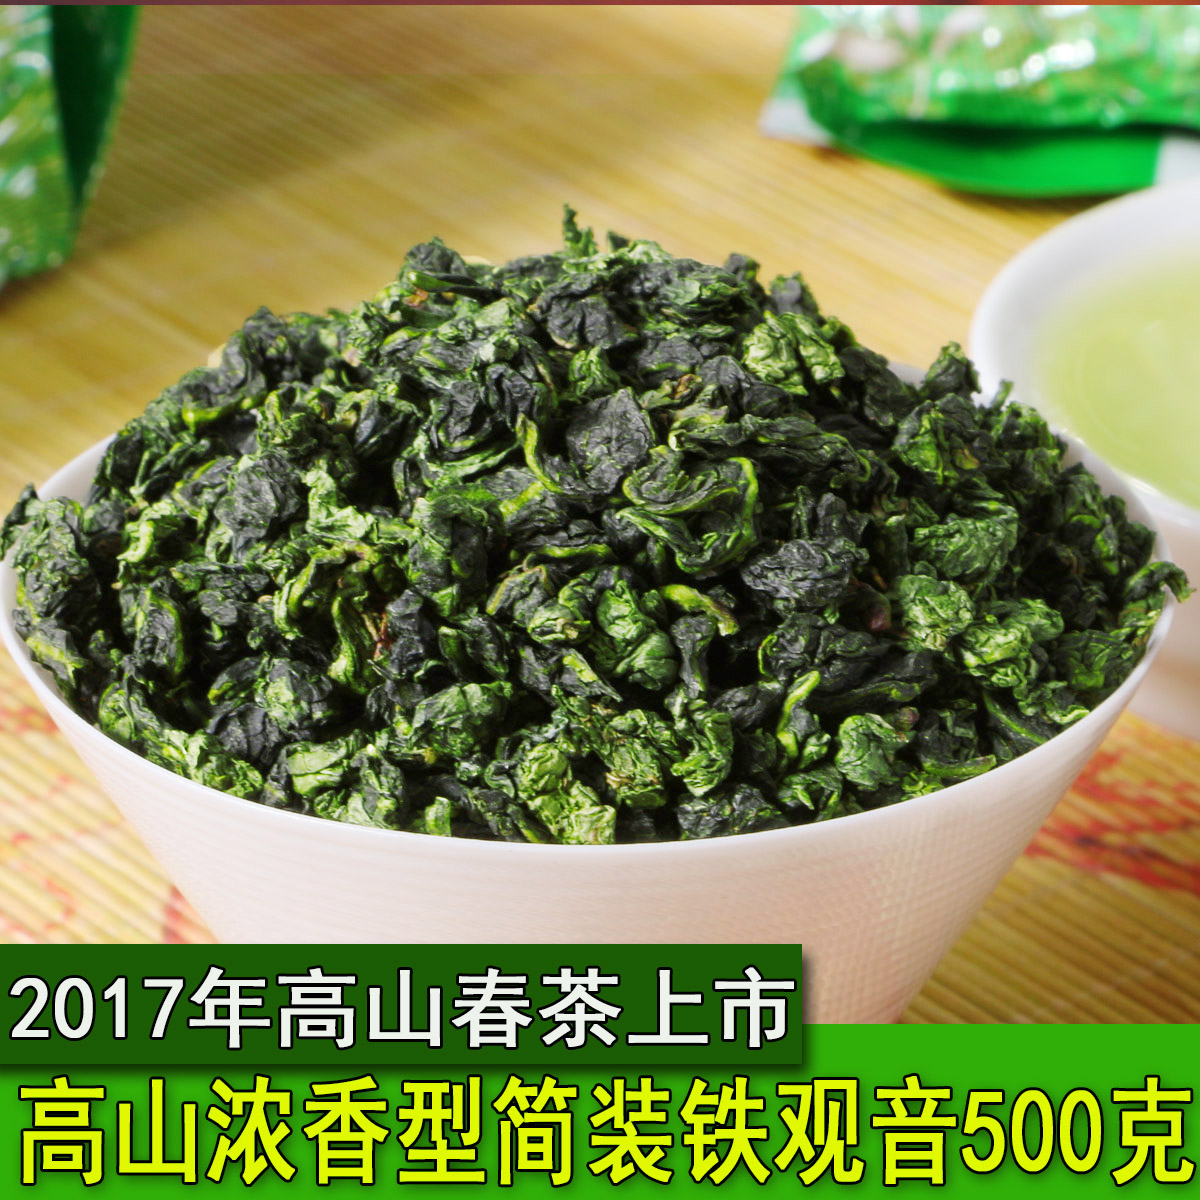 2017 весна чай железо гуань-инь аромат тип орхидея ладан новый чай подарок аромат альпийский черный дракон чай масса 500g